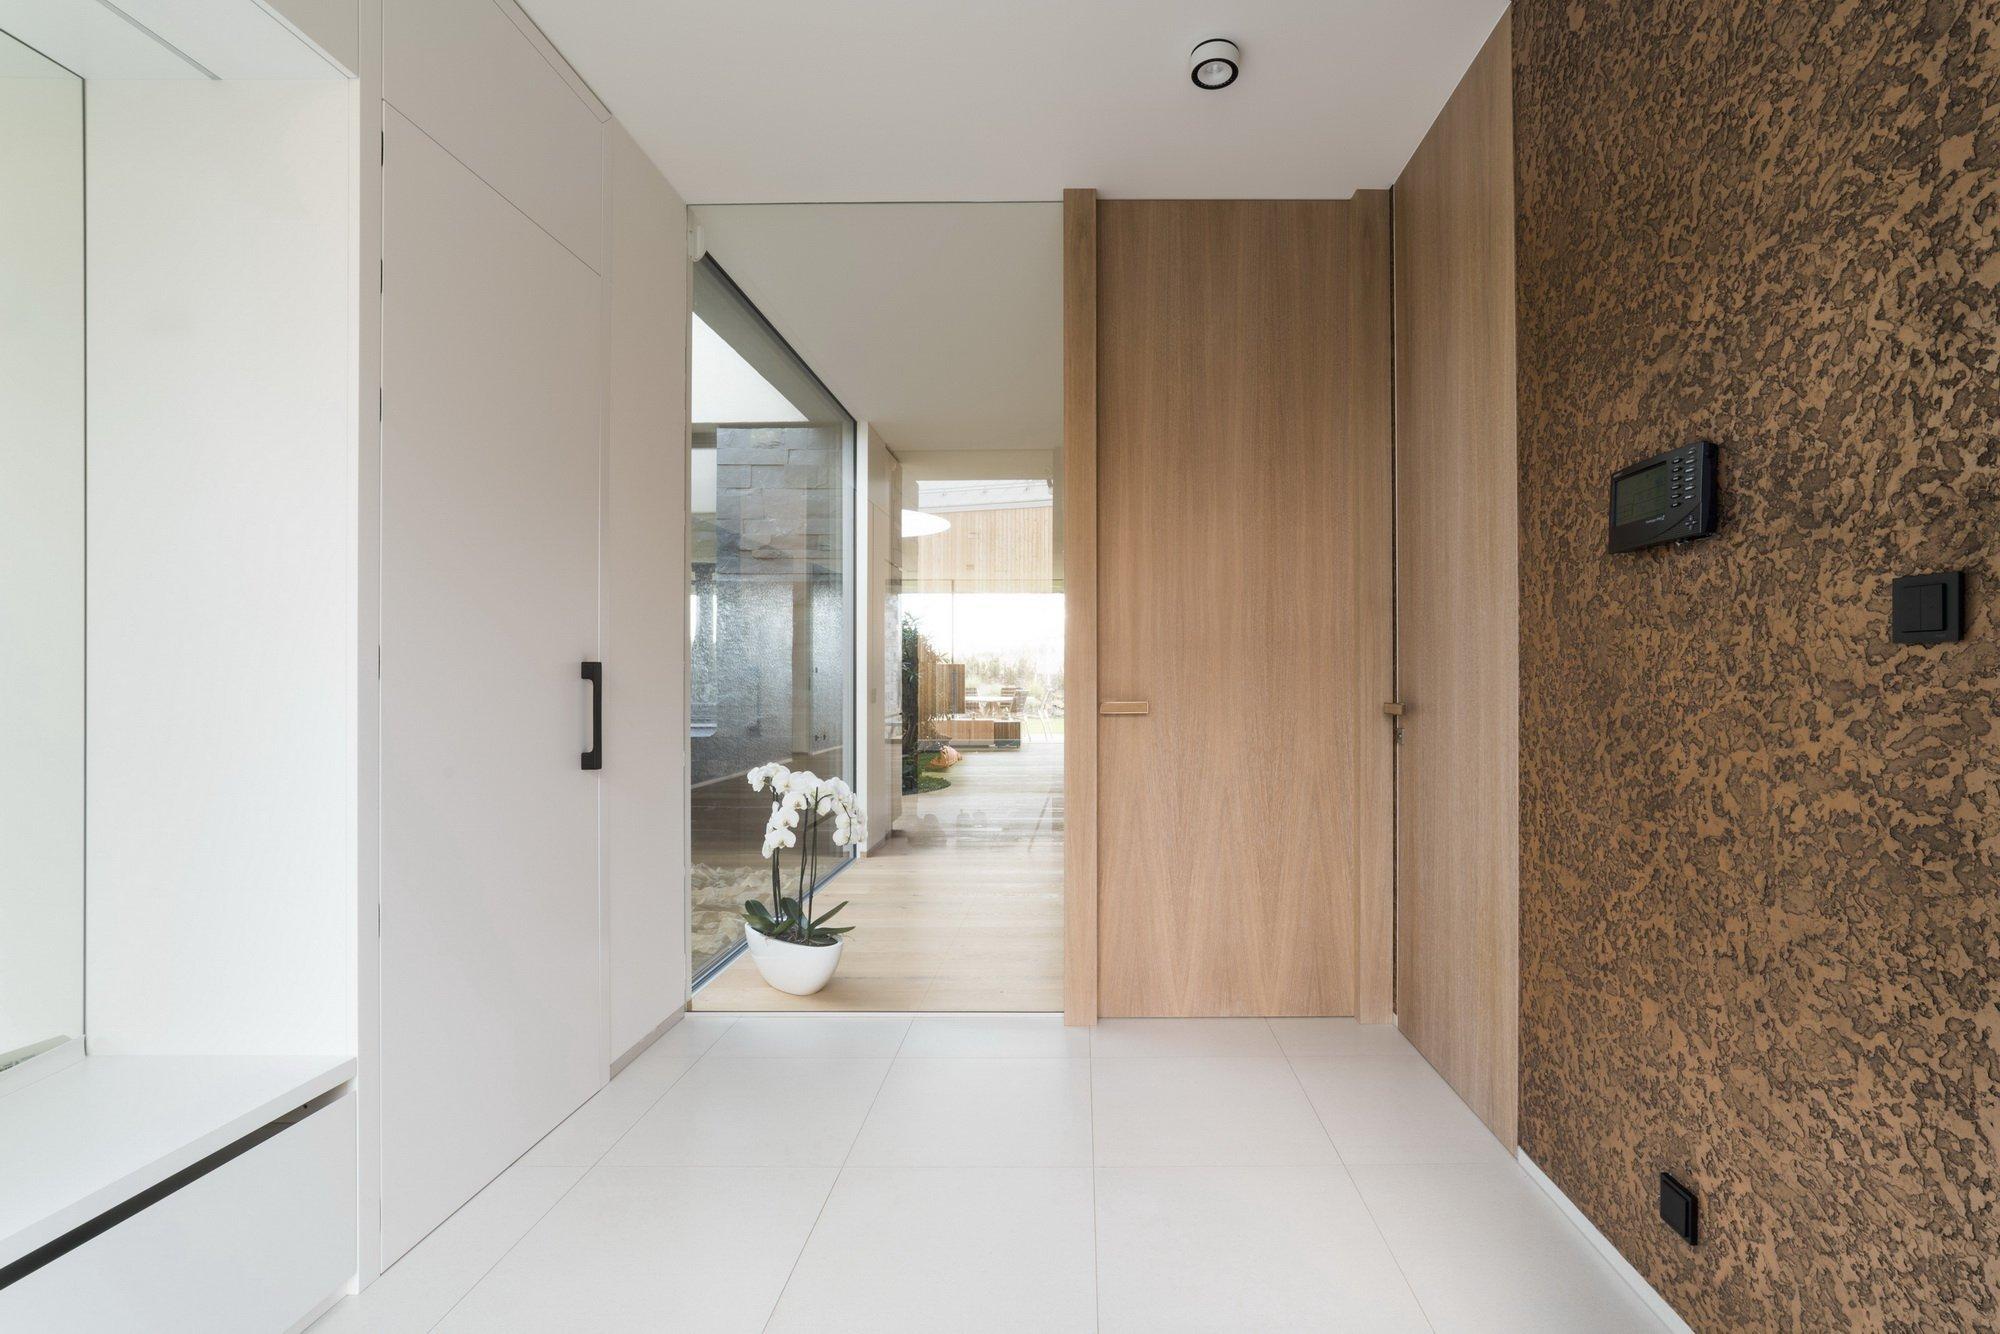 Hlavním konceptem bylo vytvořit otevřený fluidní prostor, který nebude mít žádné zbytečné dveře, chodby ani překážky. Je to jeden z příkladů, jak může dům díky…